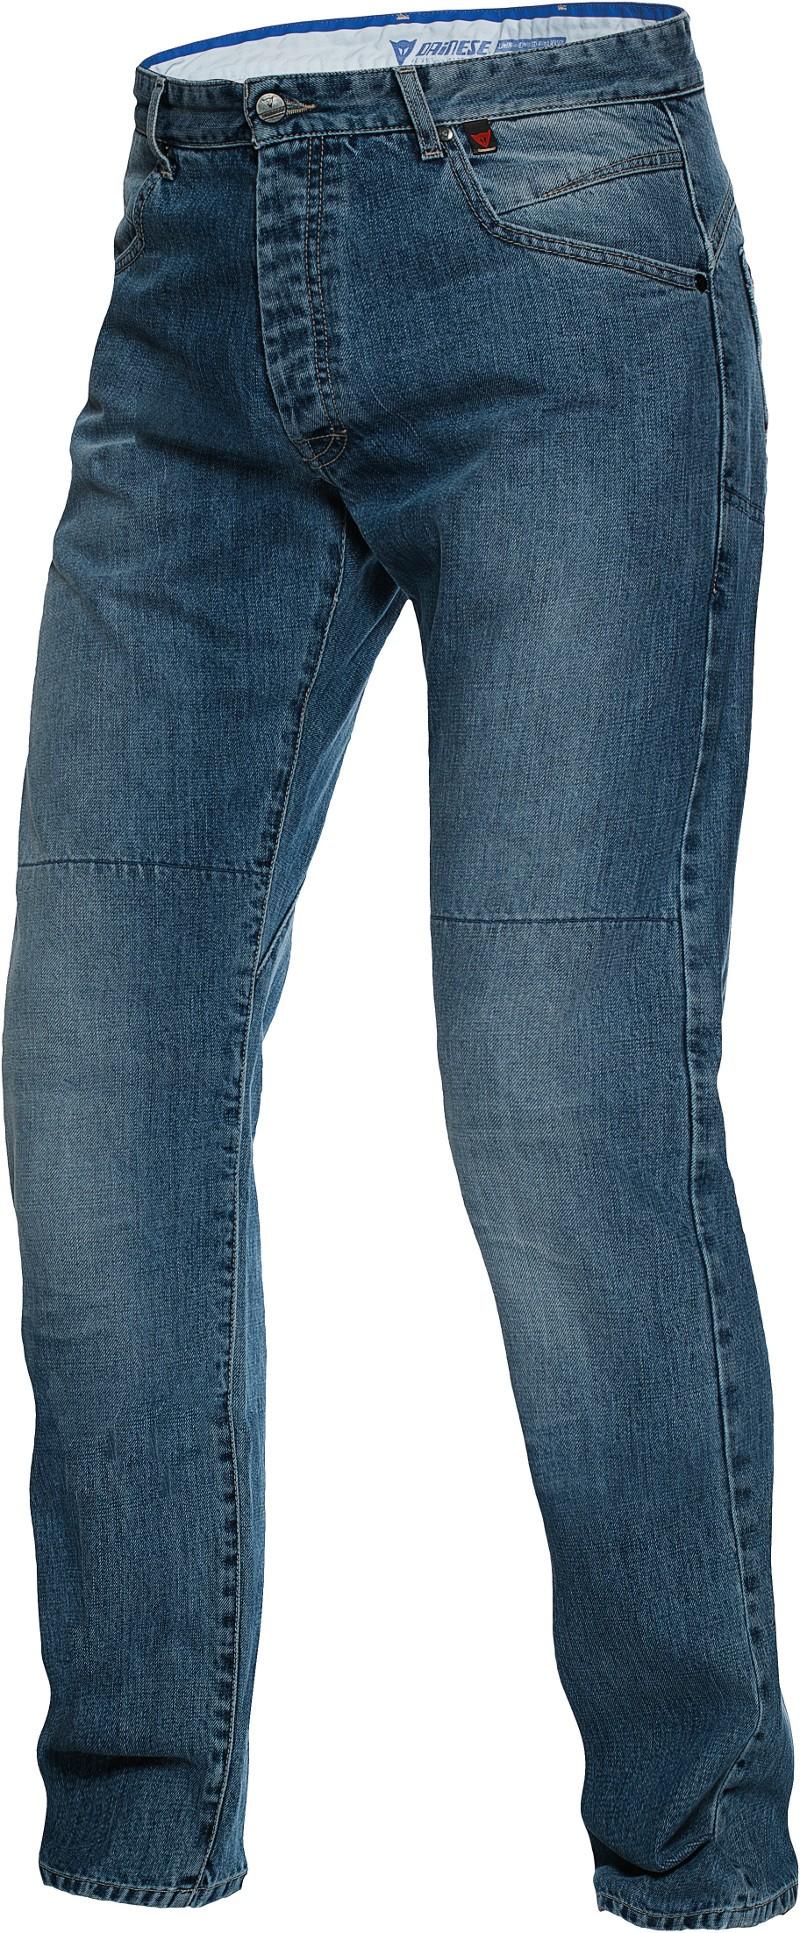 Dianese Bonneville Jeans